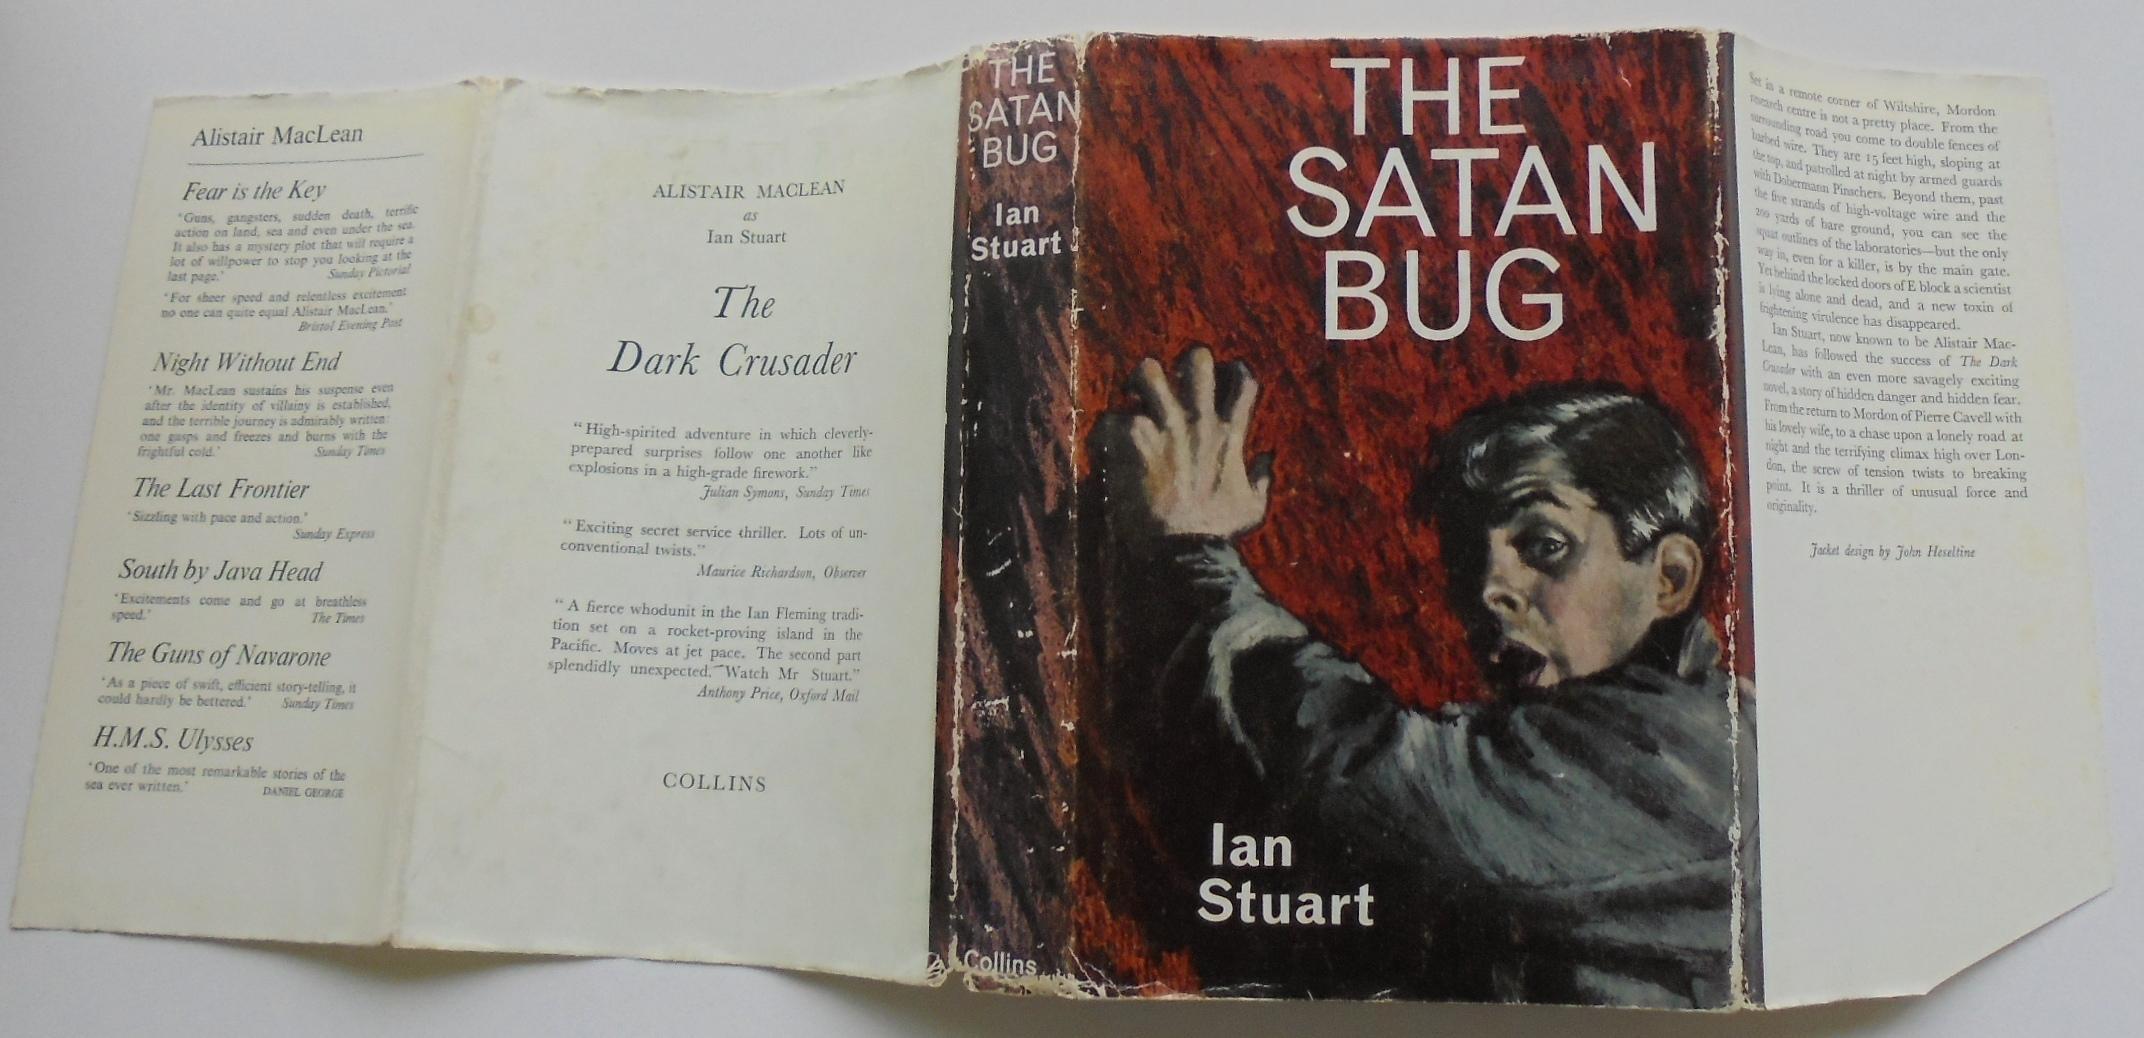 THE SATAN BUG IAN STUART